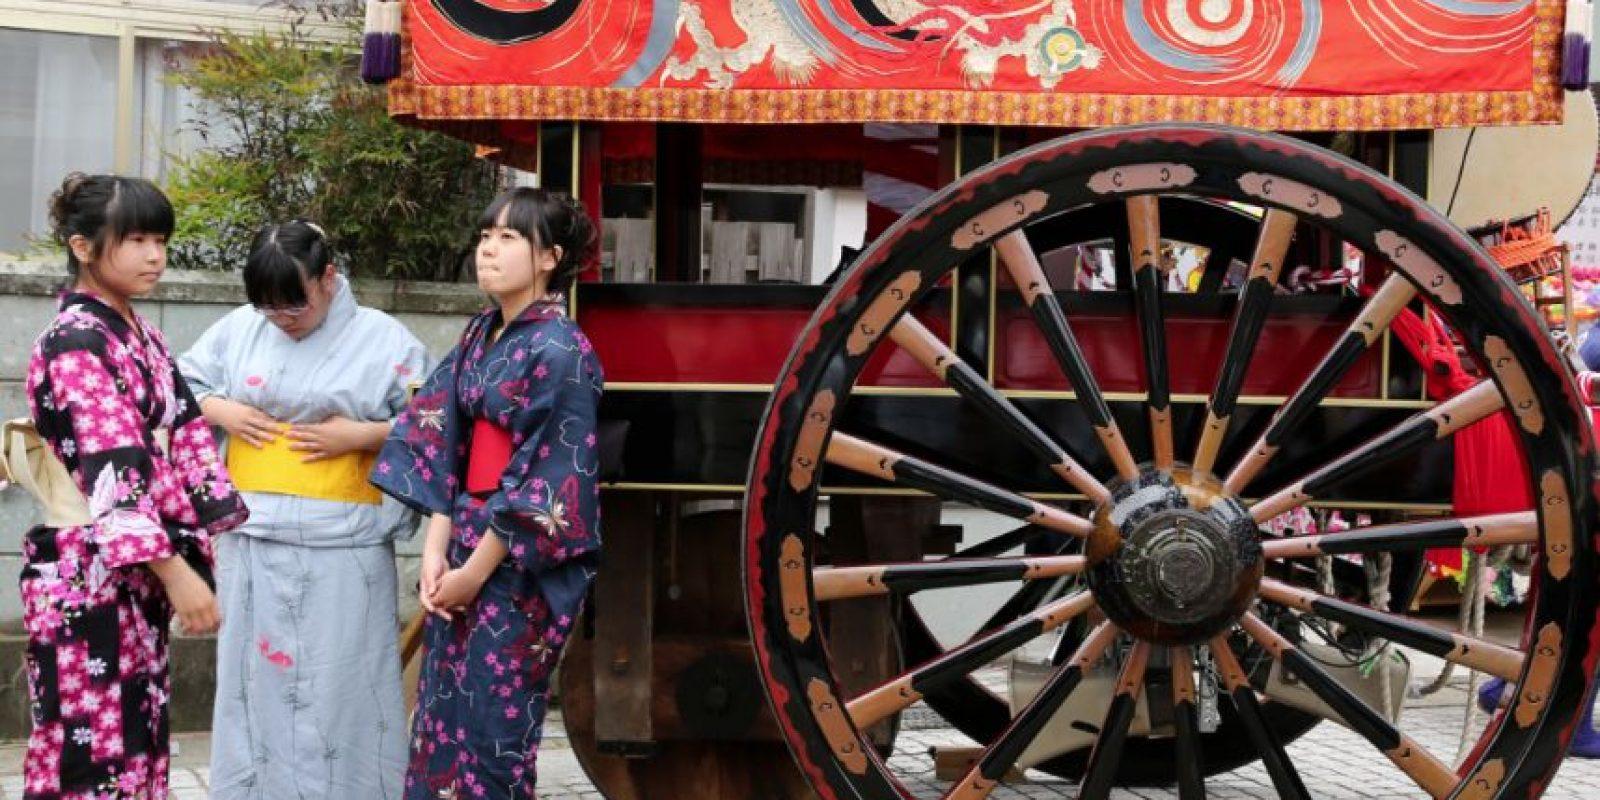 Las jóvenes son las que más disfrutan esta tradición. Foto:Getty Images